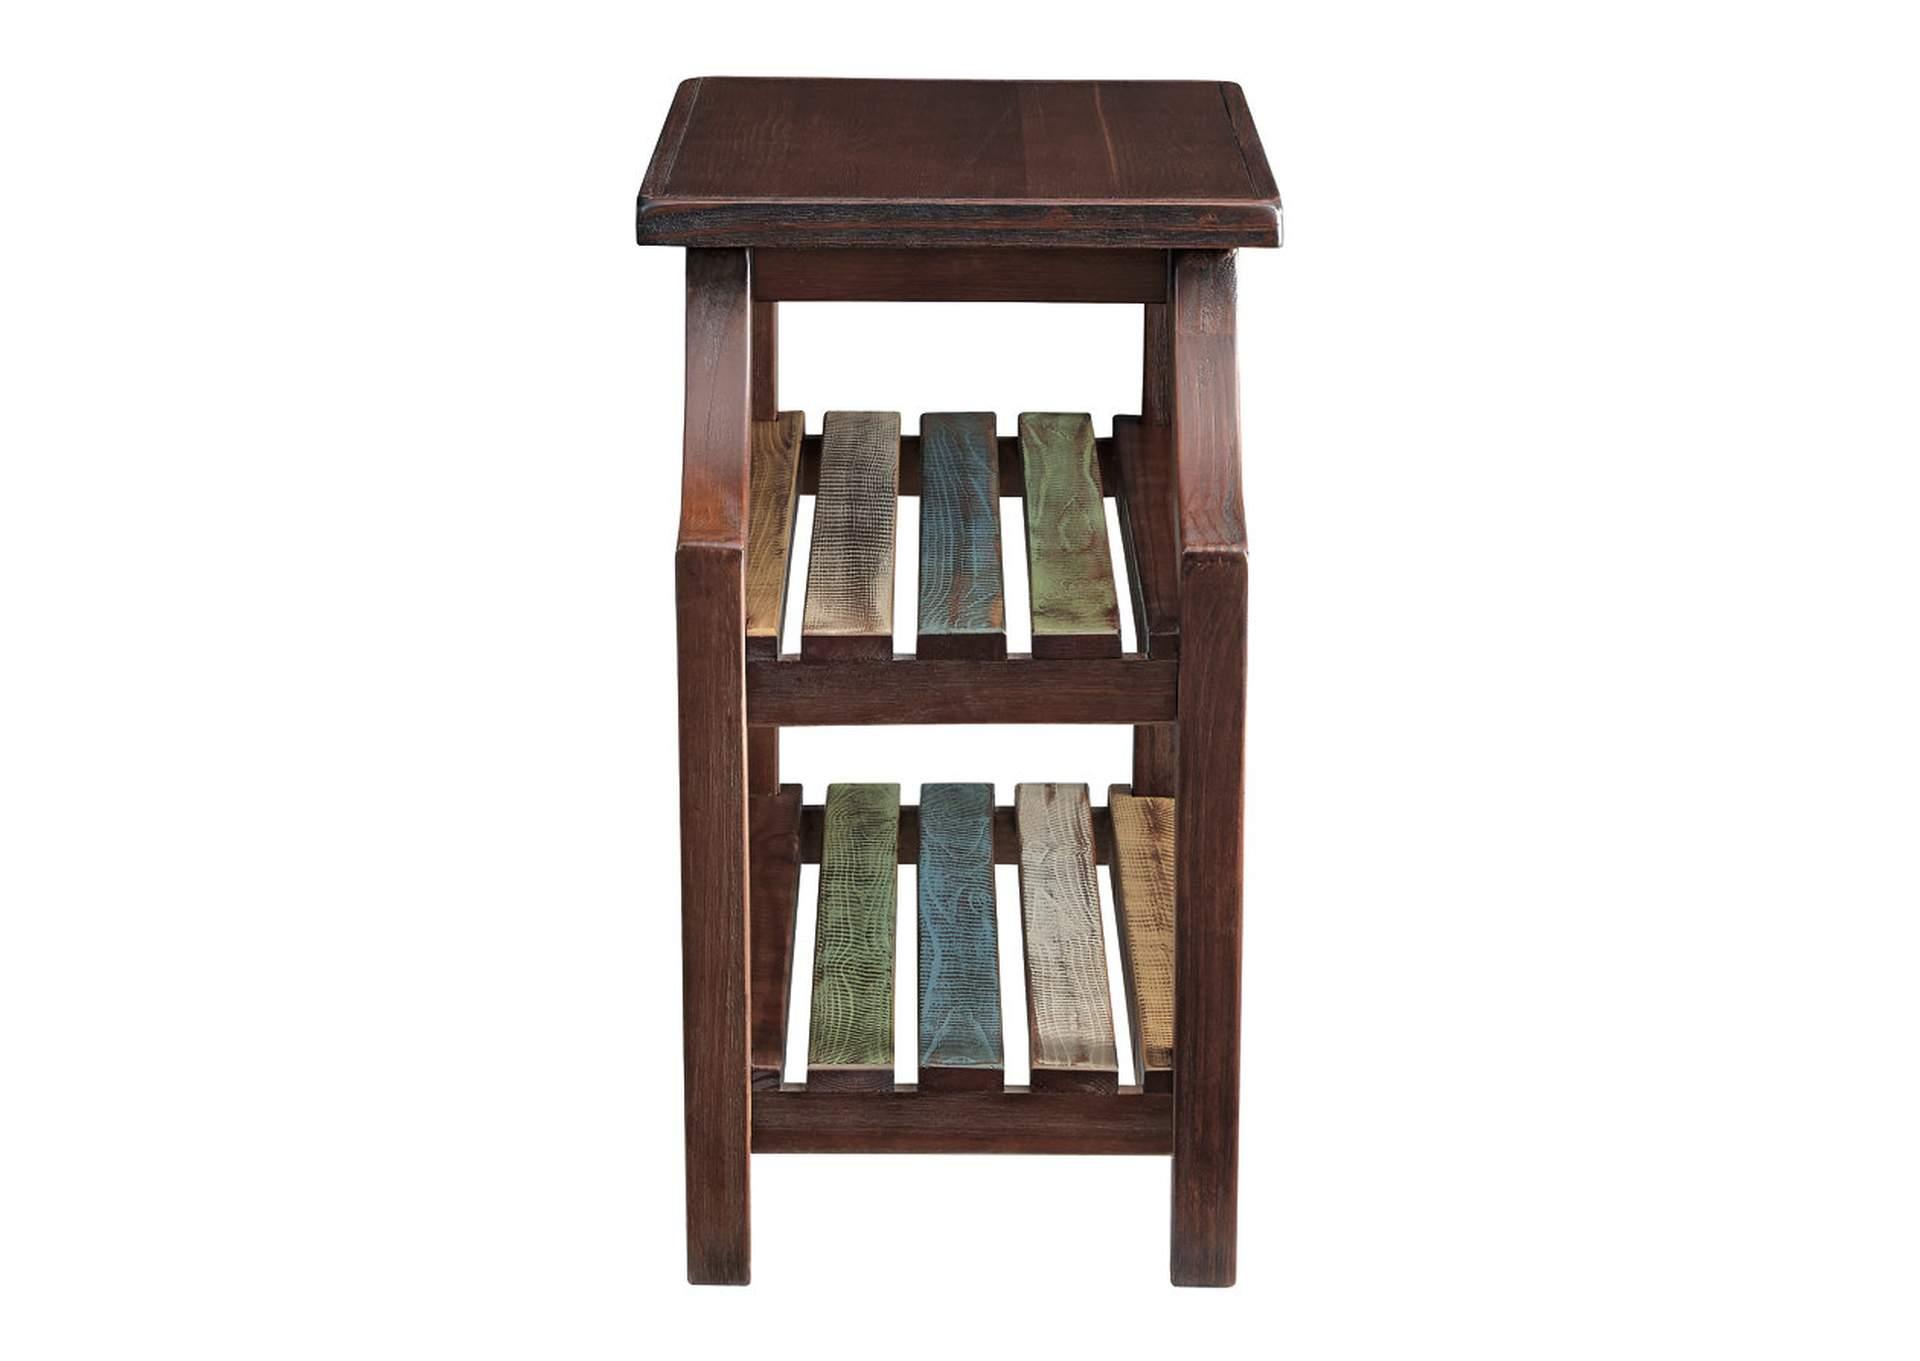 Brandywine Furniture Wilmington De Mestler Chairside